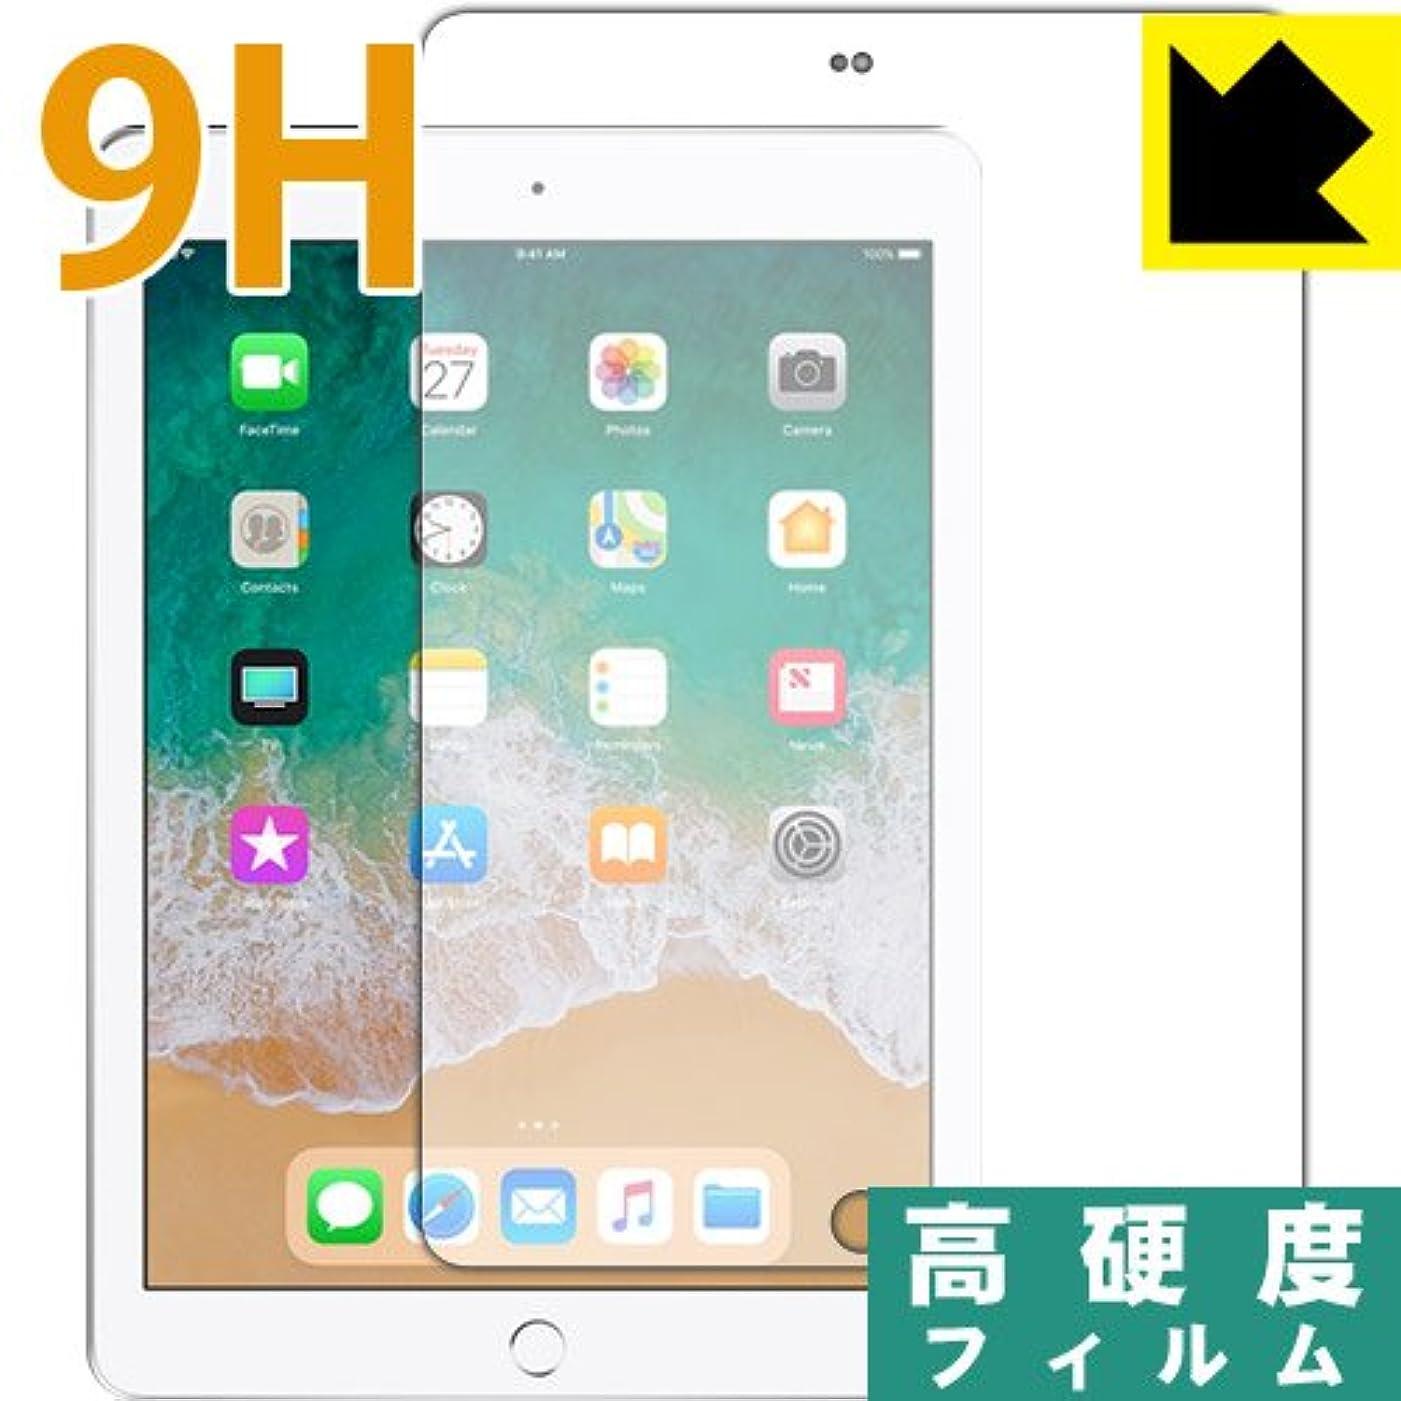 郡作る歩行者PET製フィルムなのに強化ガラス同等の硬度 9H高硬度[光沢]保護フィルム iPad(第6世代) 2018年3月発売モデル 前面のみ 日本製